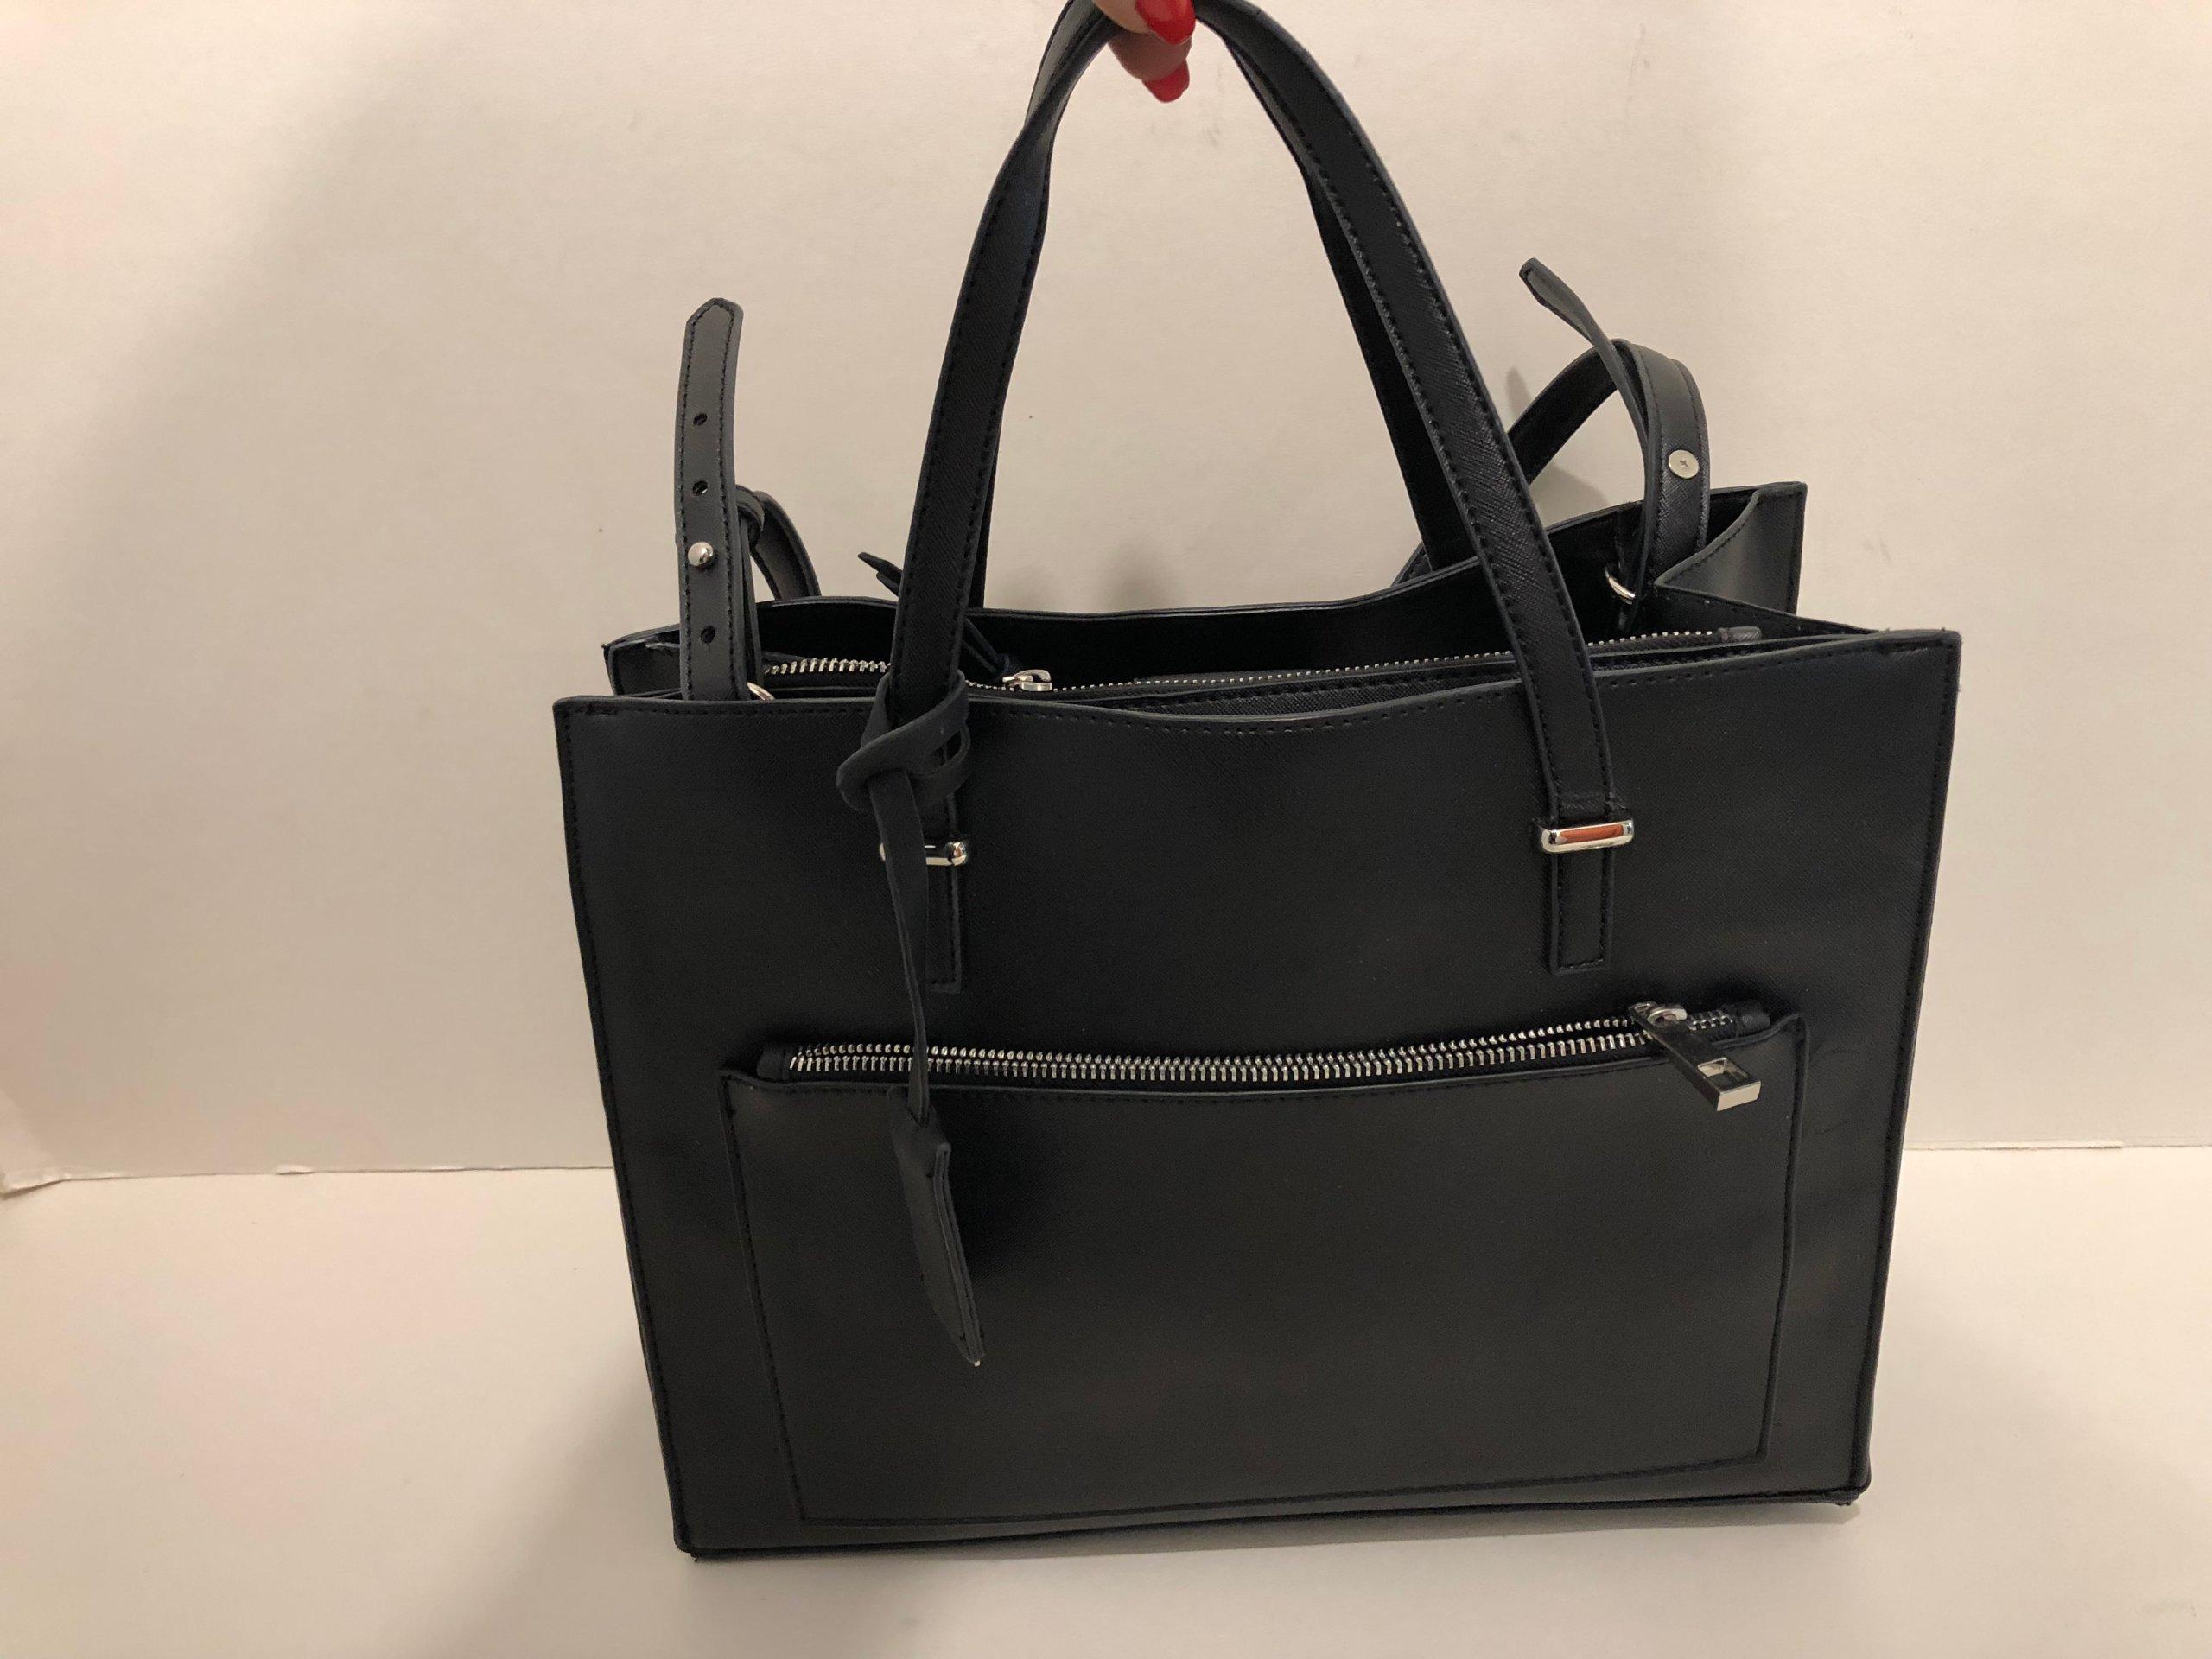 b2a51caf10f63 RESERVED torebka SZTYWNA shopper wyprzedaż Mo-392 - 7264278100 ...